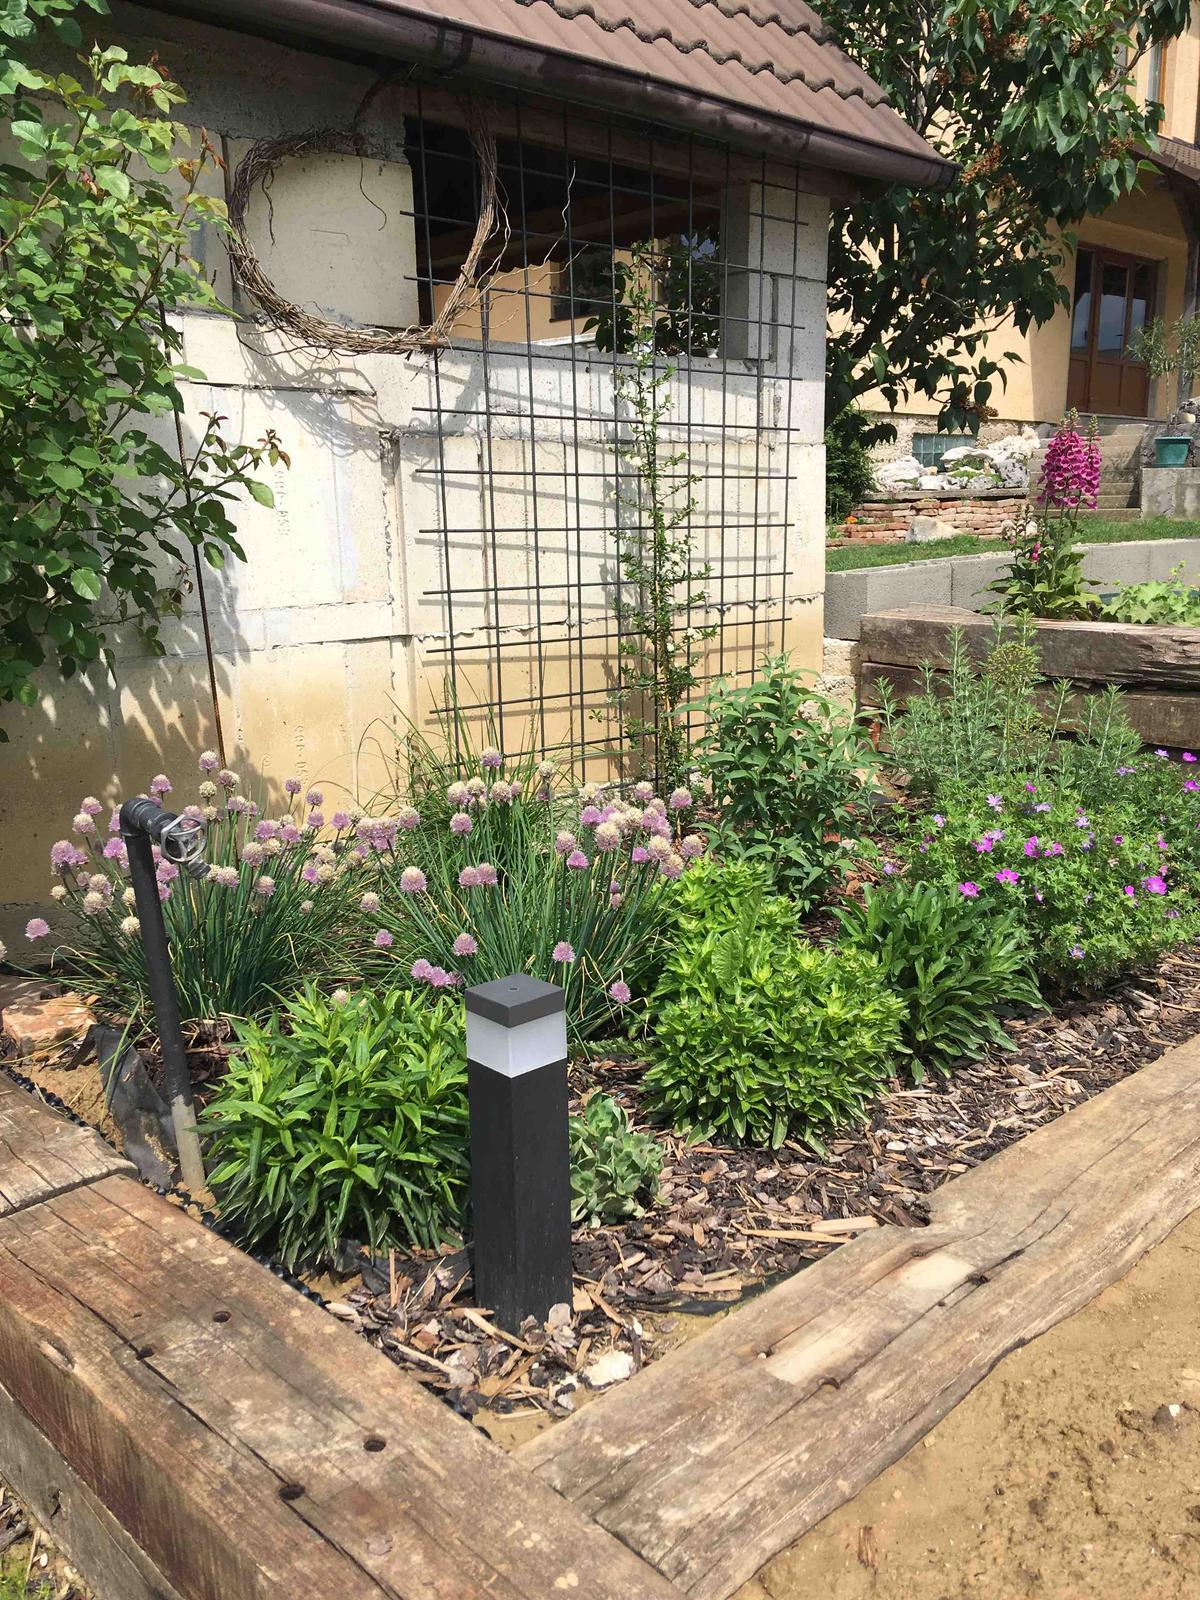 Názov stavby 3 - in da garden - stále v stavebnom šate